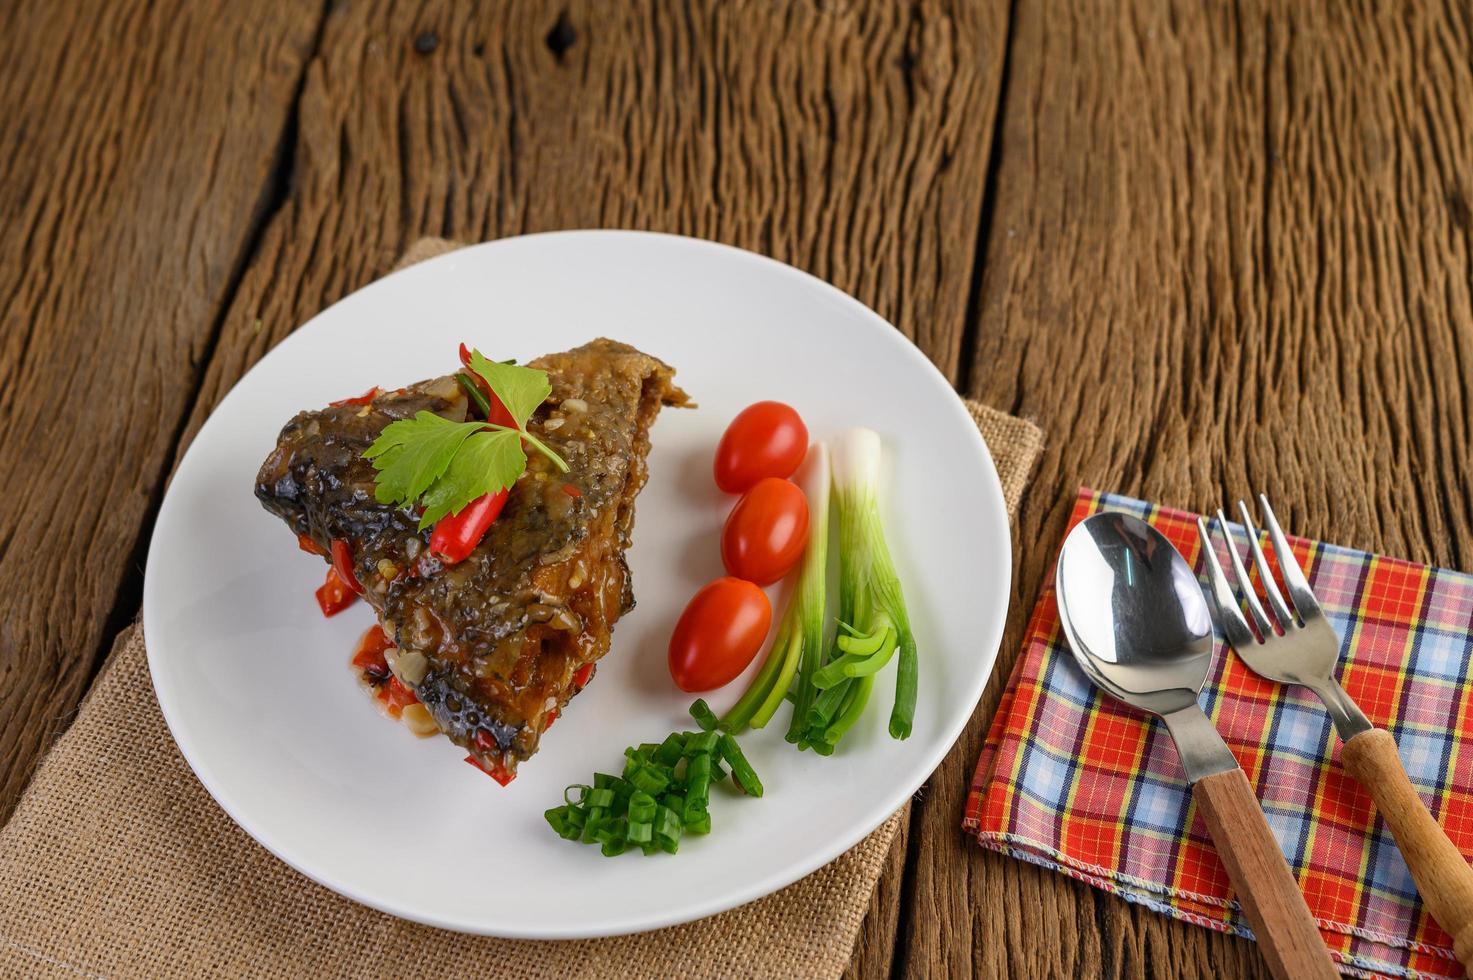 frittierter Fischkopf mit Chilis auf einem weißen Teller foto